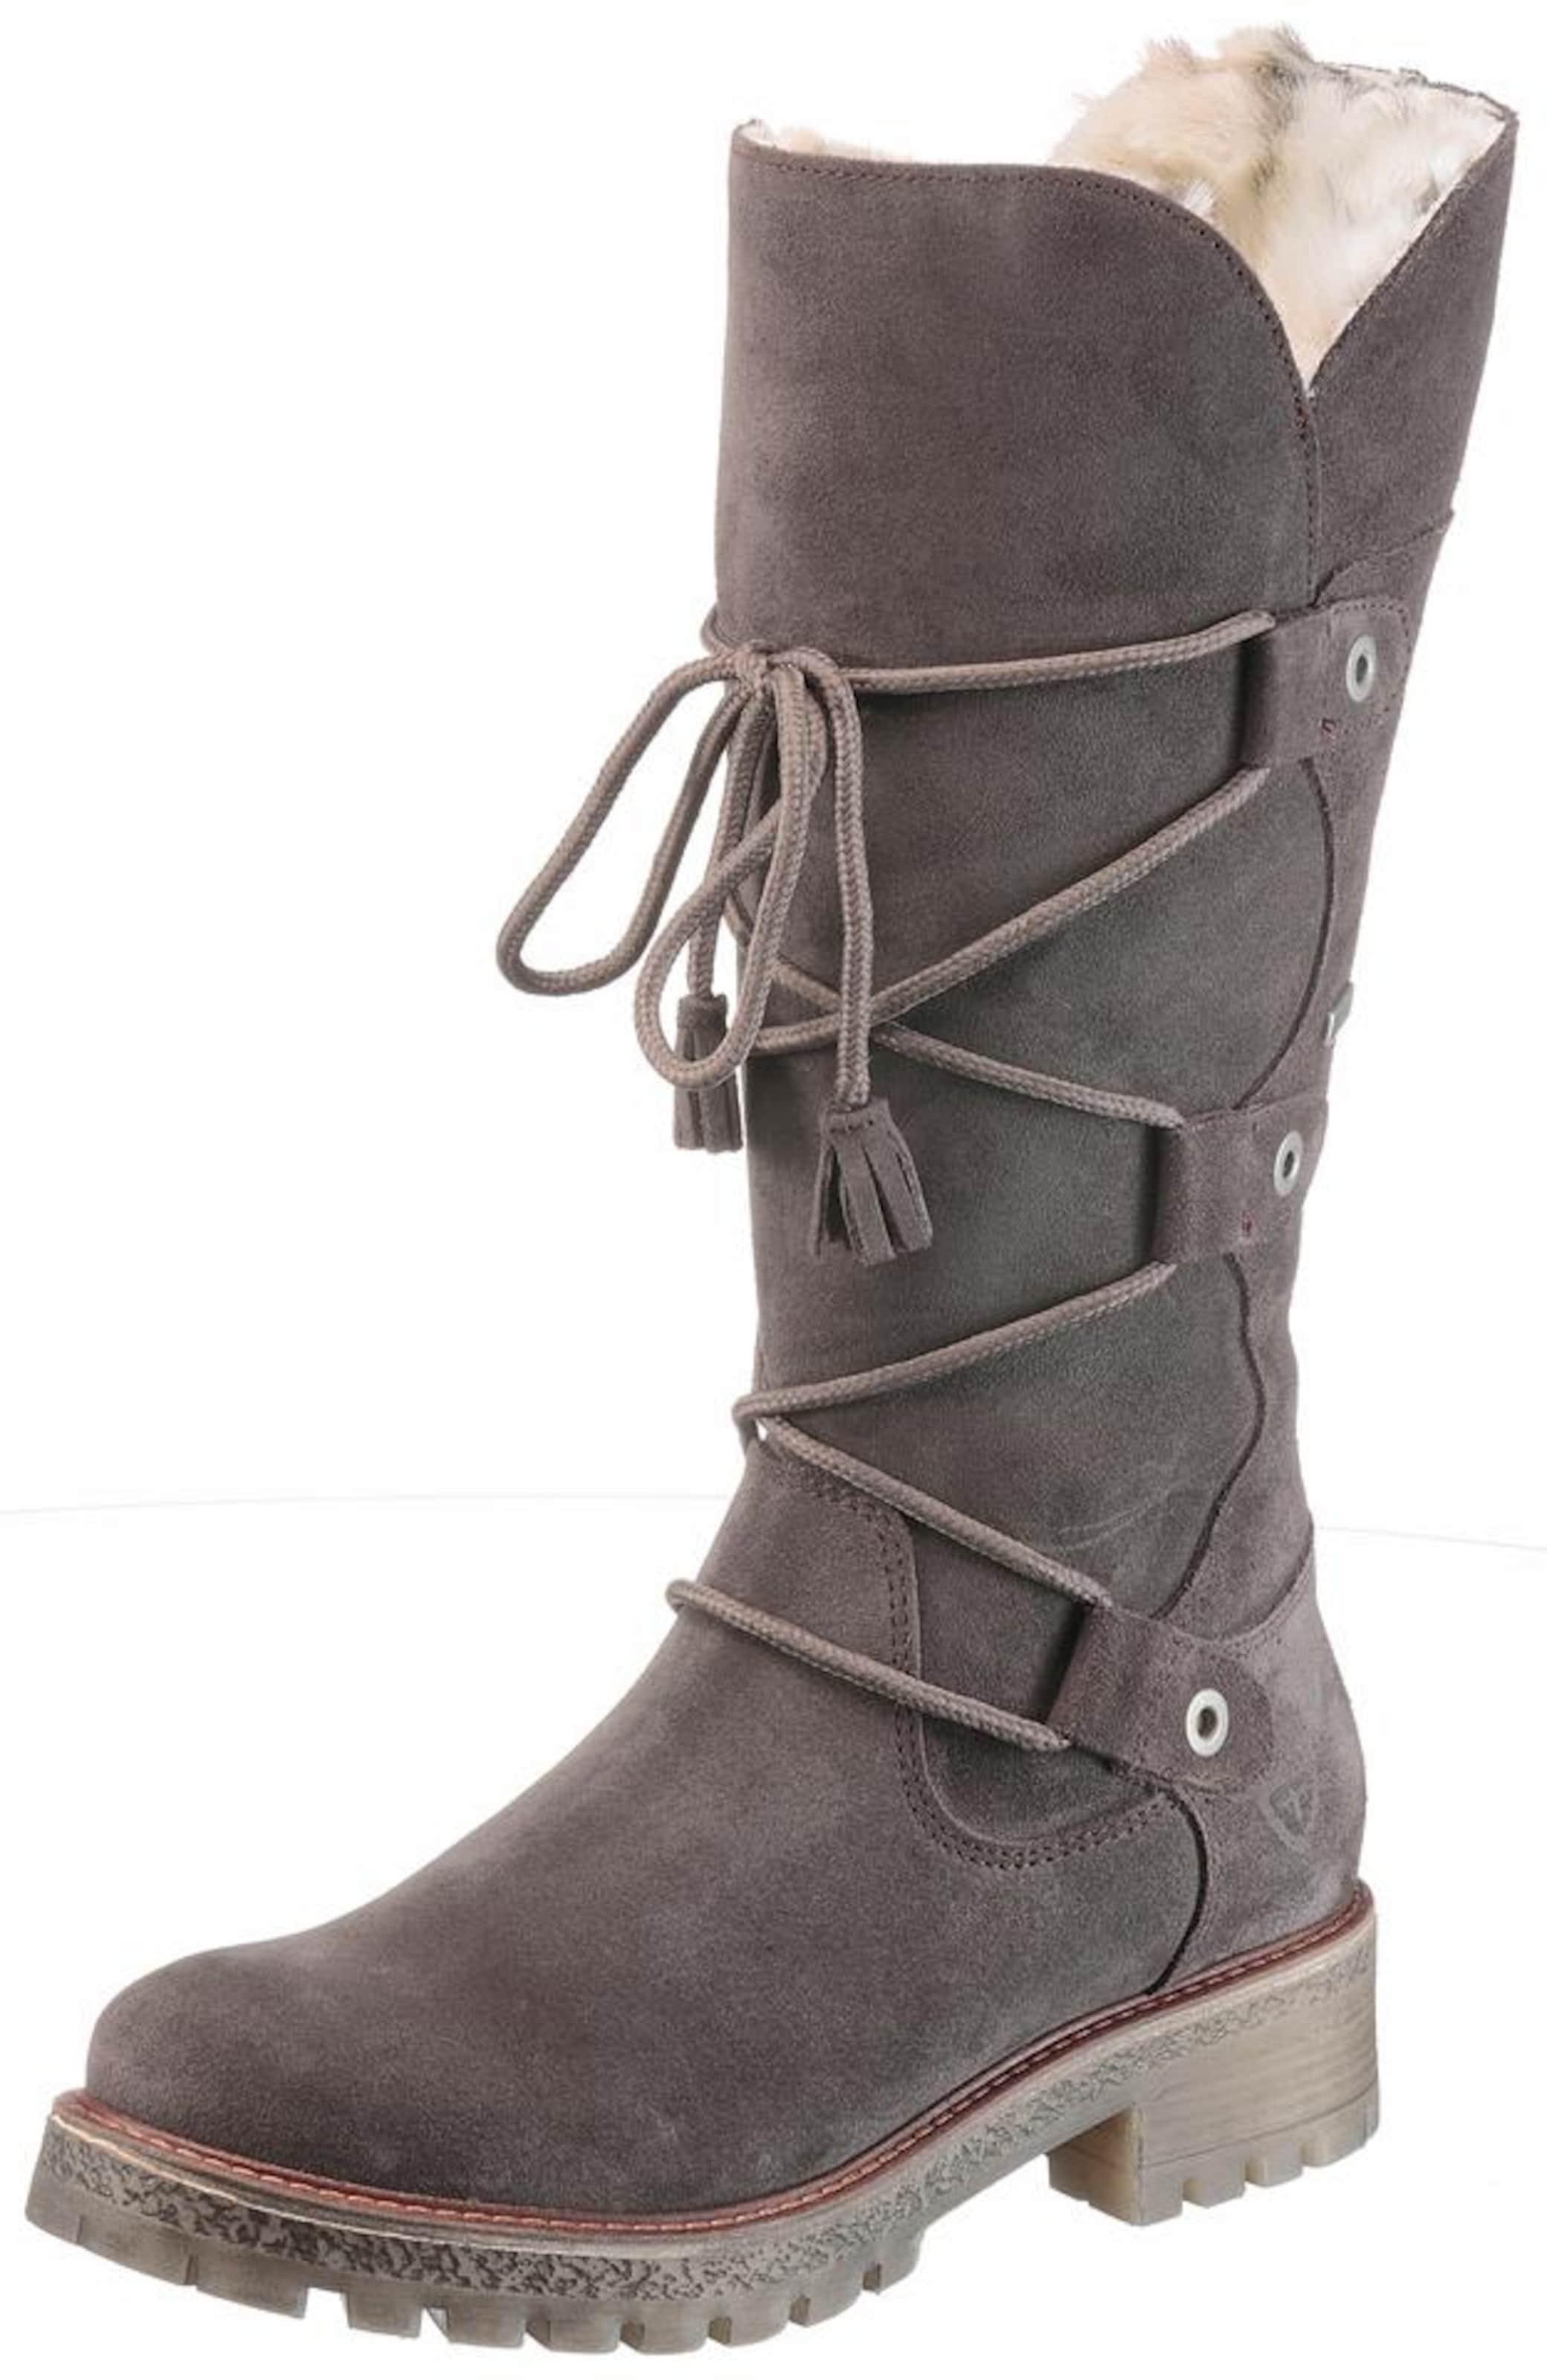 TAMARIS Winterstiefel Günstige und langlebige Schuhe